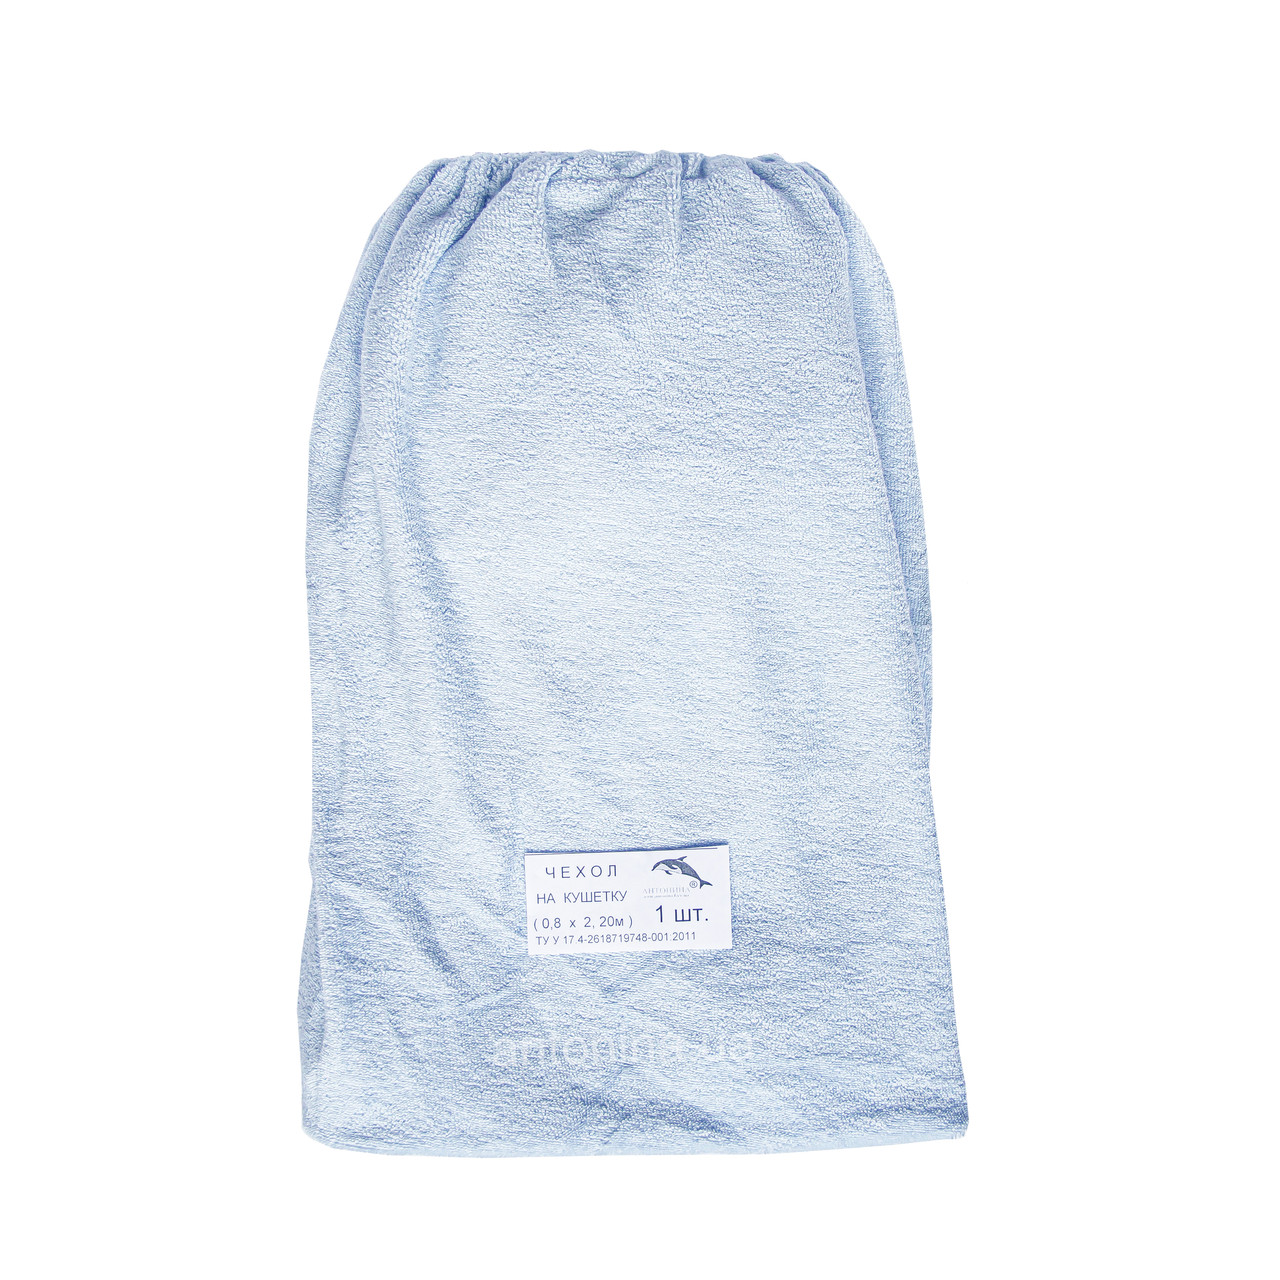 Махровий чохол блакитний х/б на кушетку 0,8 х 2,2 м (гумка)